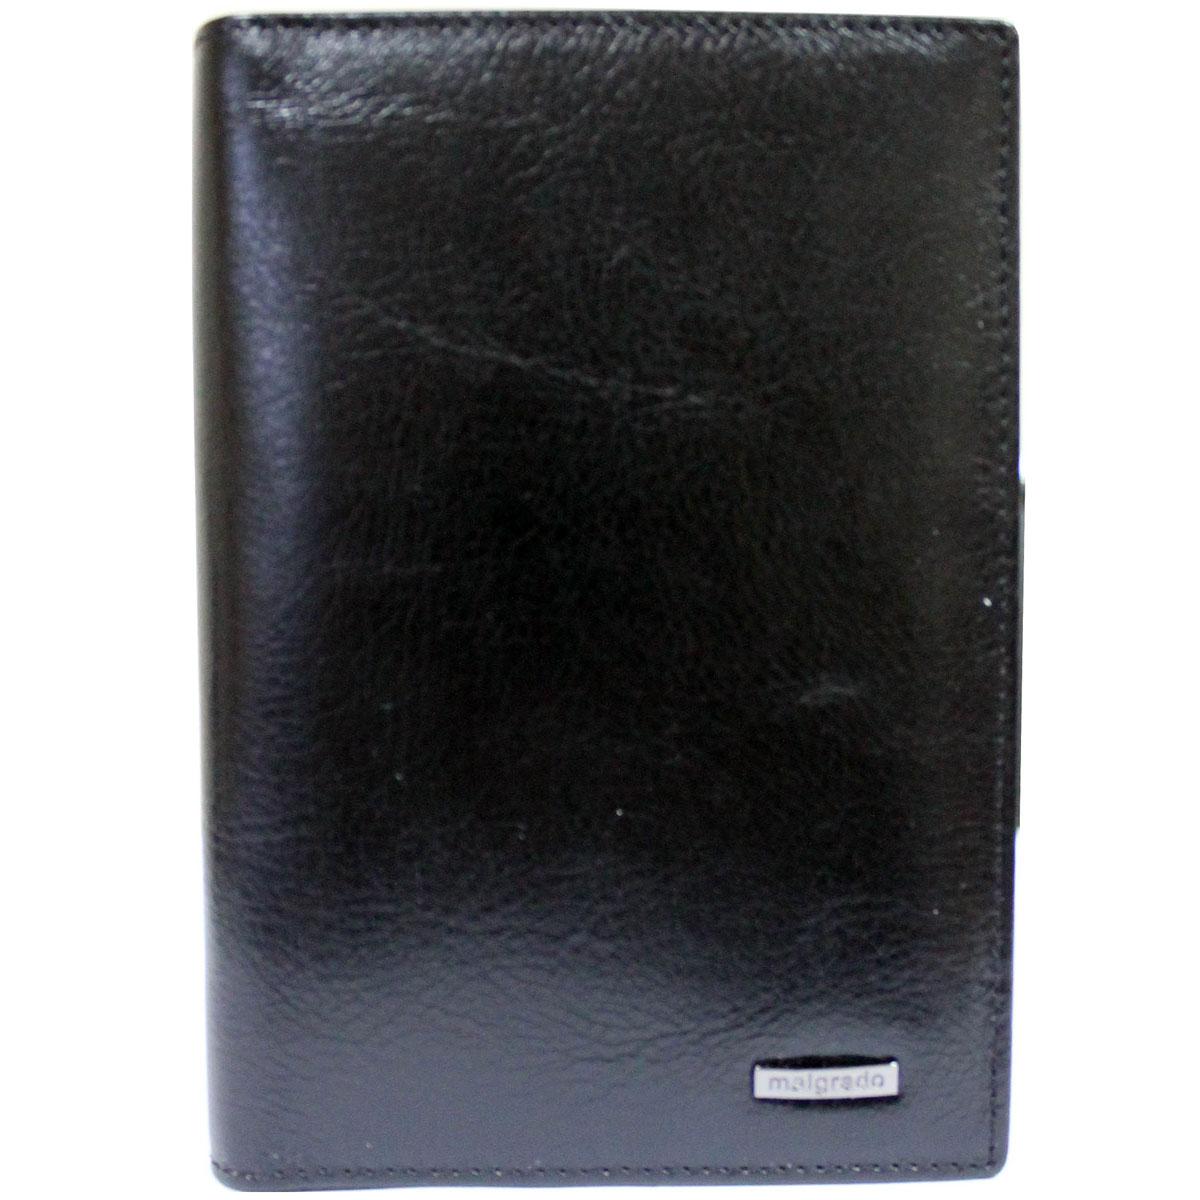 Обложка для паспорта Malgrado, цвет: черный. 54019-1-64D Black54019-1-64D BlackОбложка для паспорта Malgrado выполнена из высококачественной натуральной кожи черного цвета с логотипом фирмы. Внутри пять кармашков для визиток и шесть пластиковых файлов для авто-документов. Эта элегантная обложка непременно подойдет к вашему образу и порадует простотой, стилем и функциональностью. Обложка для паспорта упакована в коробку из плотного картона с логотипом фирмы.